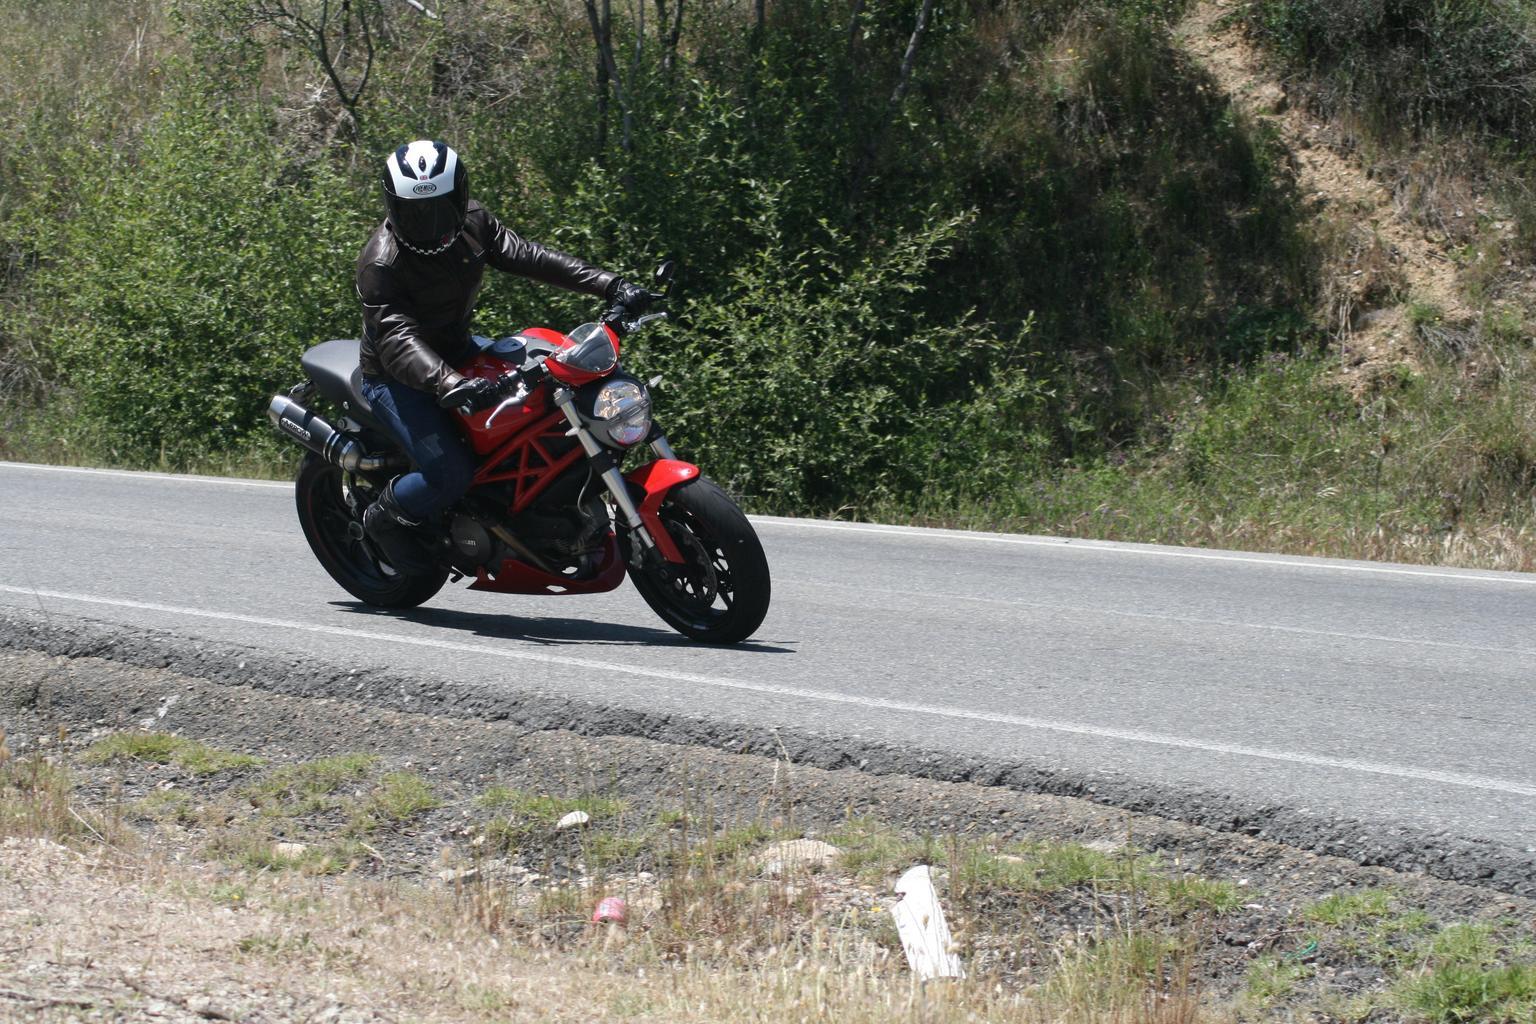 Čo motorkár, to iný typ moto-prilby